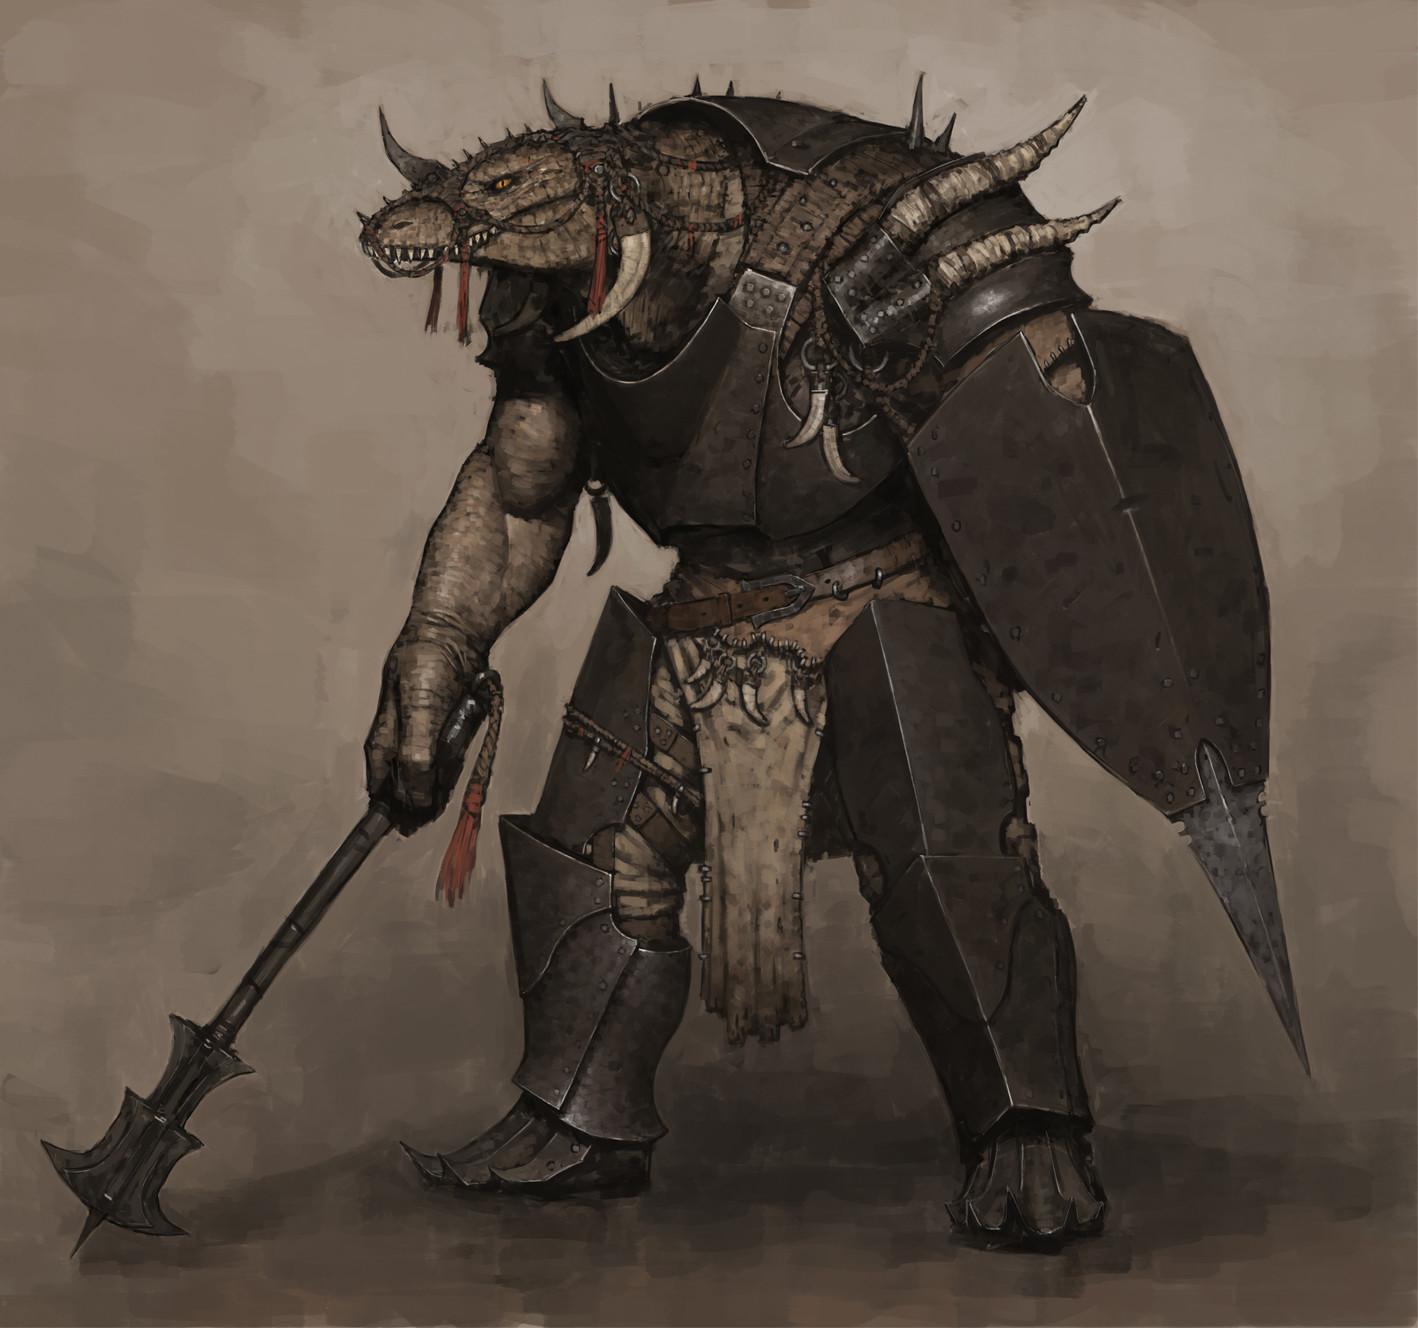 Drawn warrior reptile Perez https://www https://www artstation ArtStation